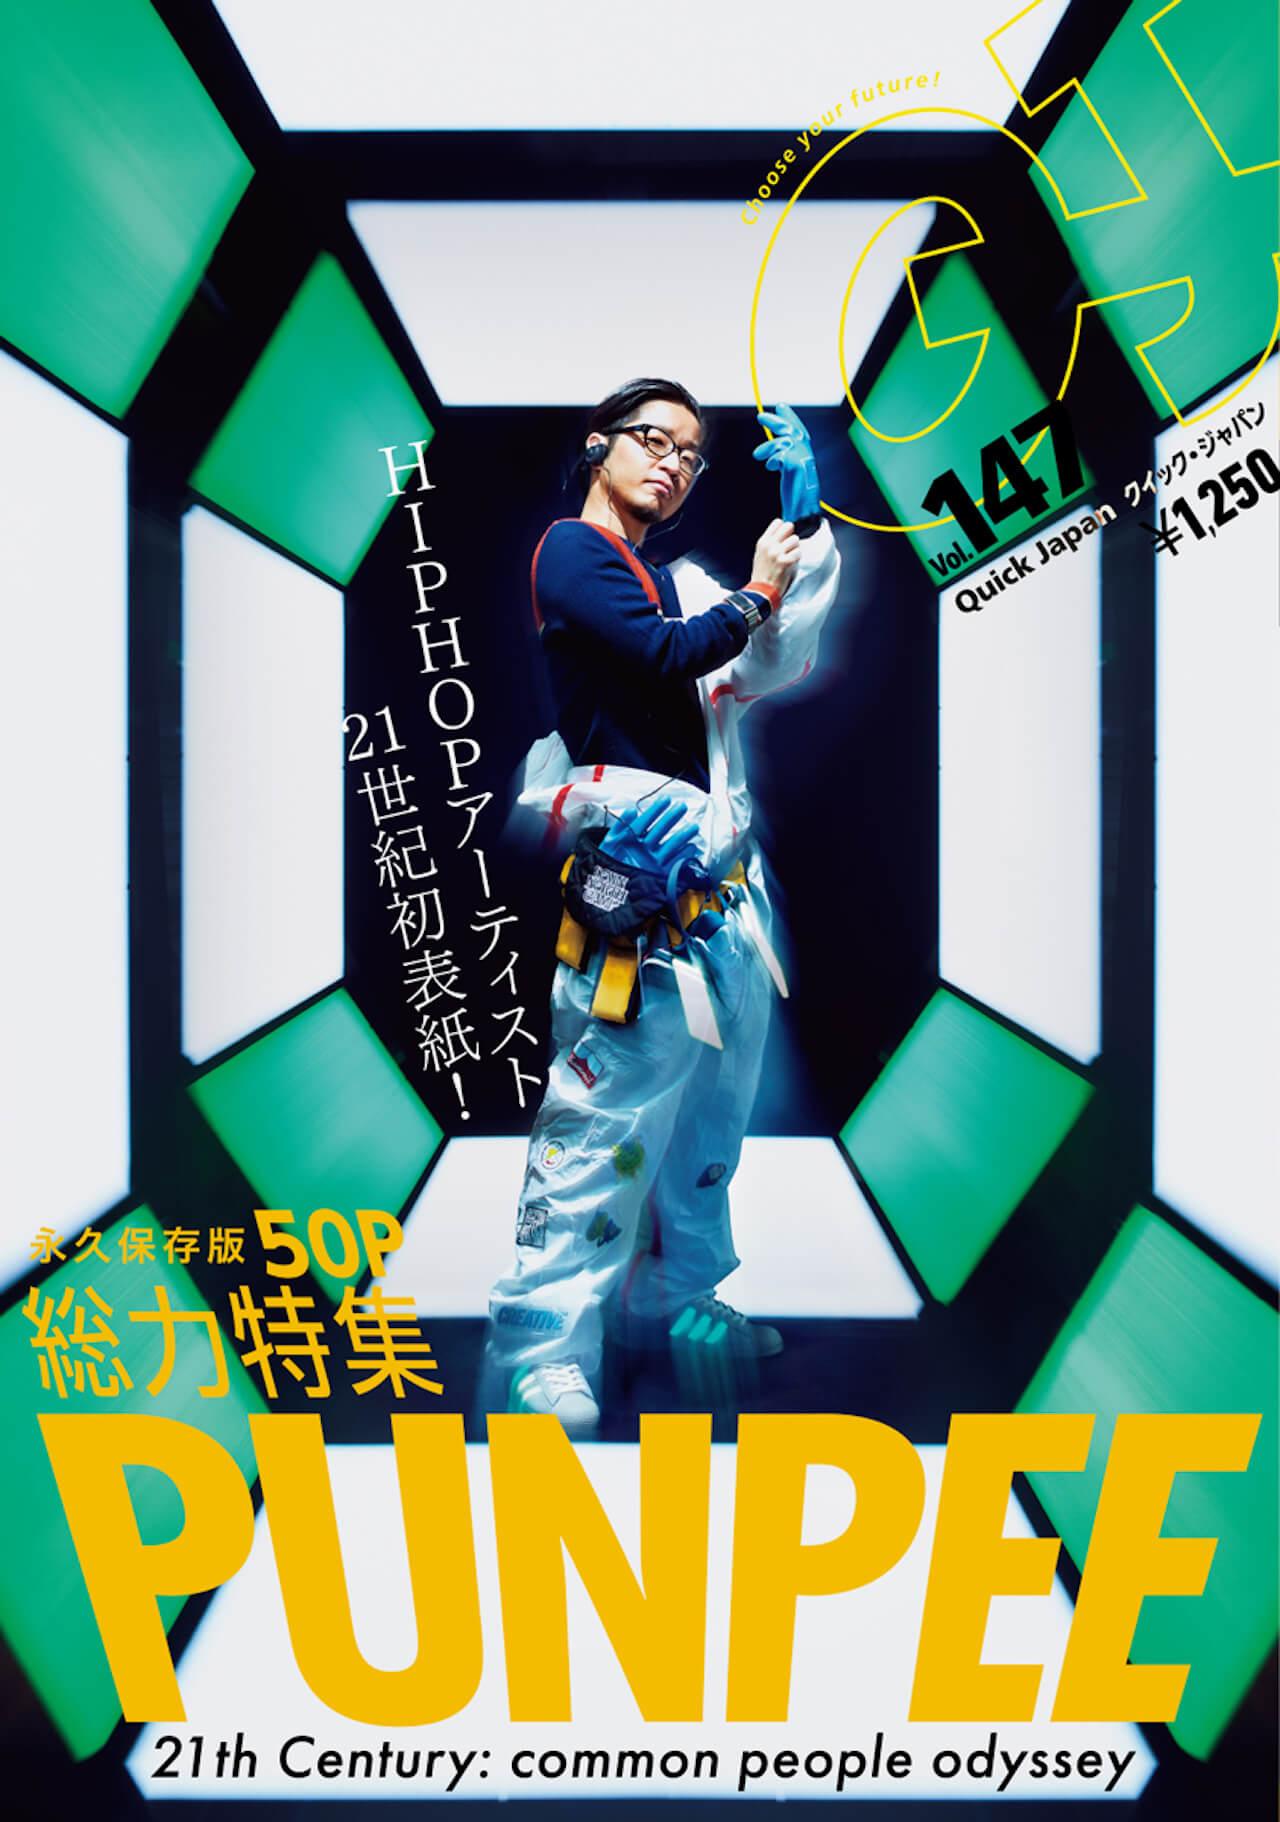 「クイック・ジャパン」がPUNPEEの魅力に迫る|「P、量子学を学ぶ」や「YEARBOOK of P 2002-2019」など50ページ総力特集 music191217-quickjapan-punpee